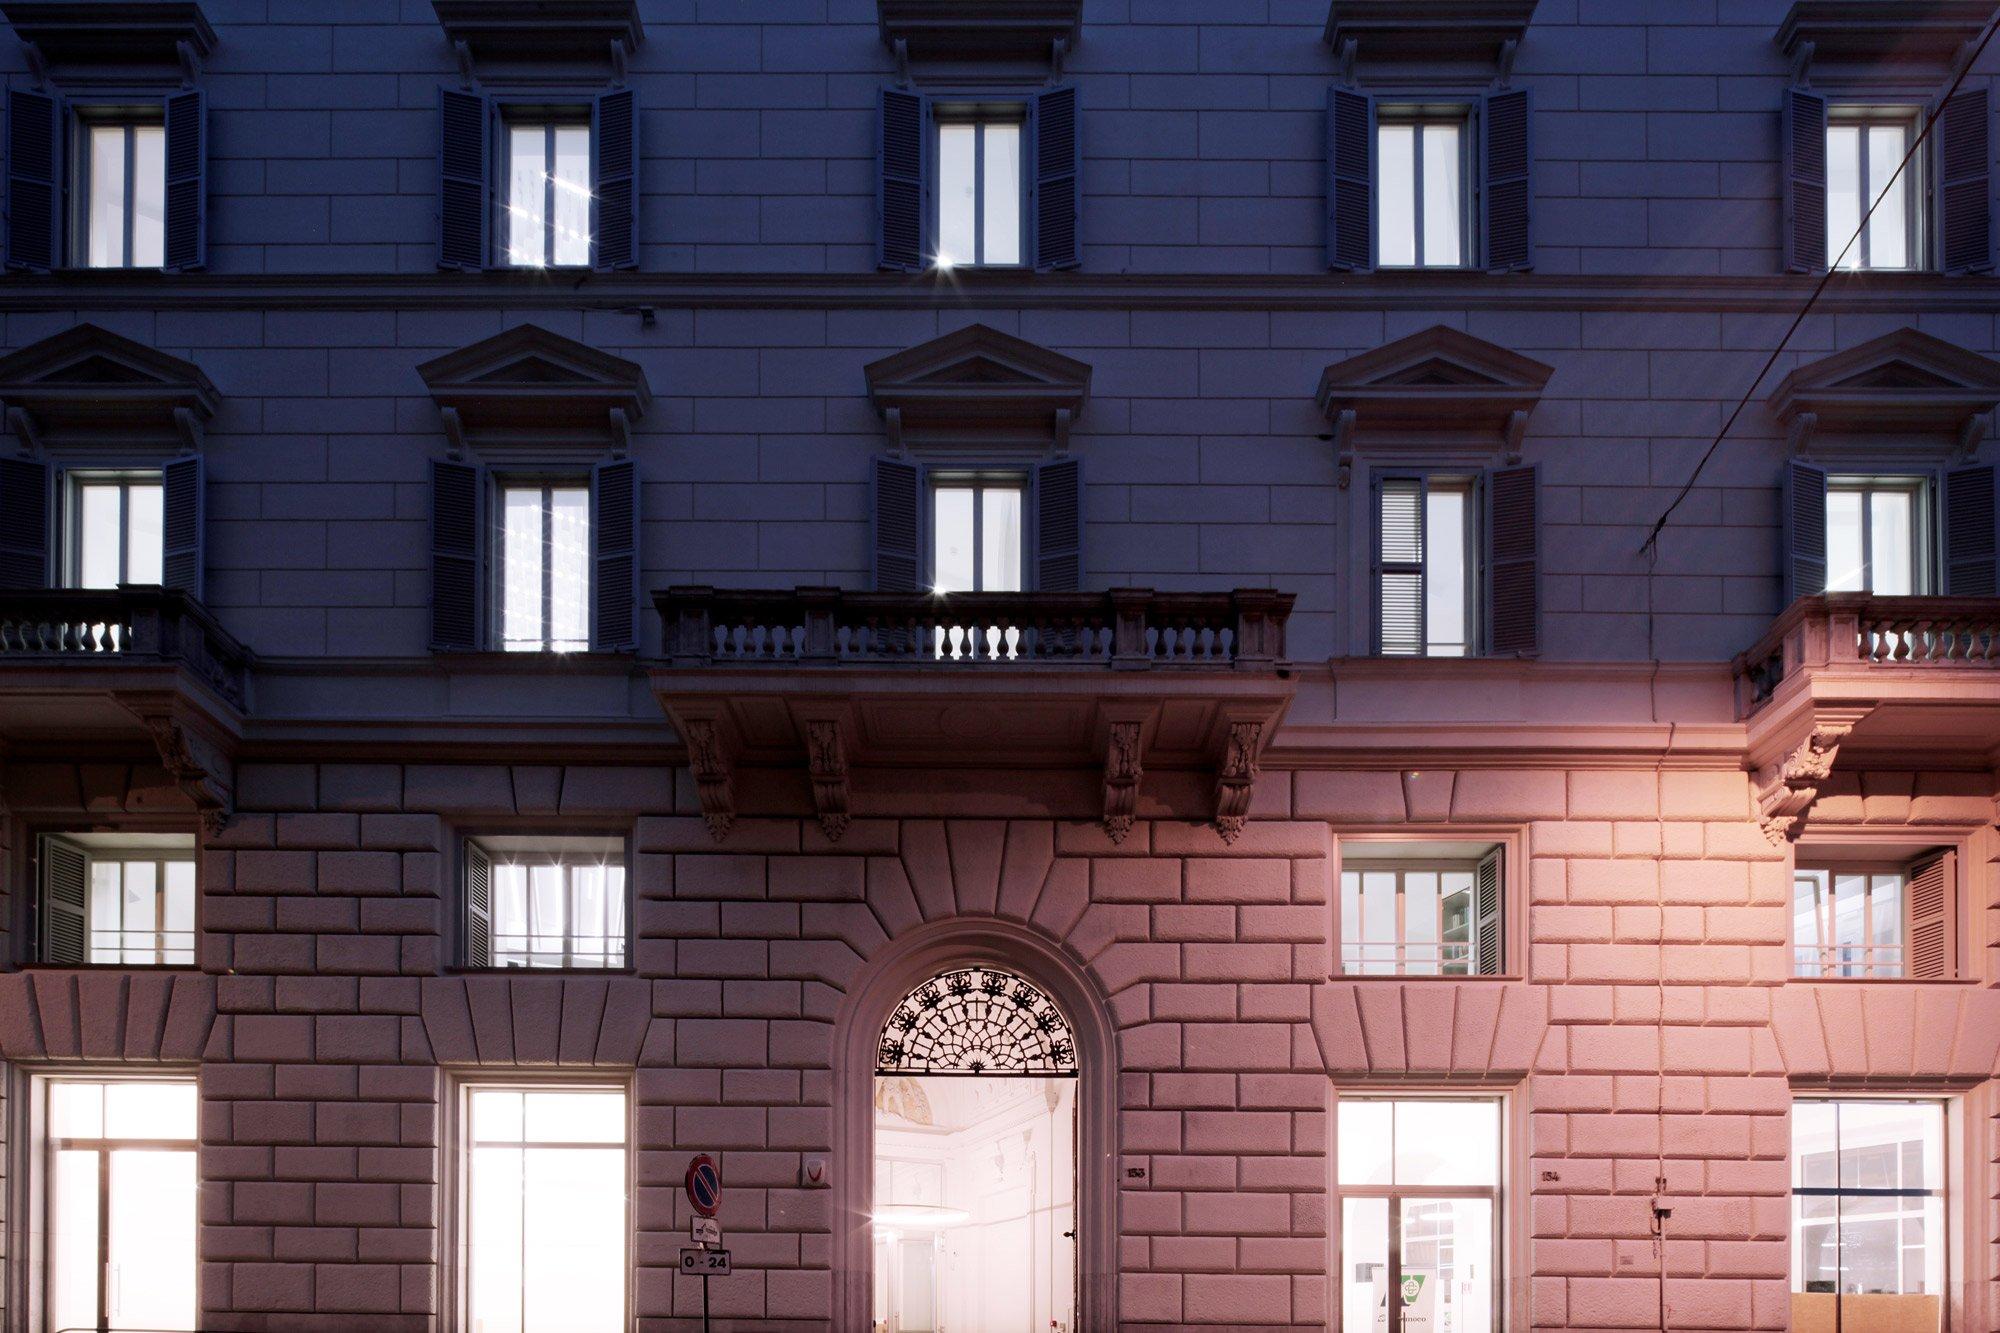 Confcooperative premises © Francesco Mattuzzi